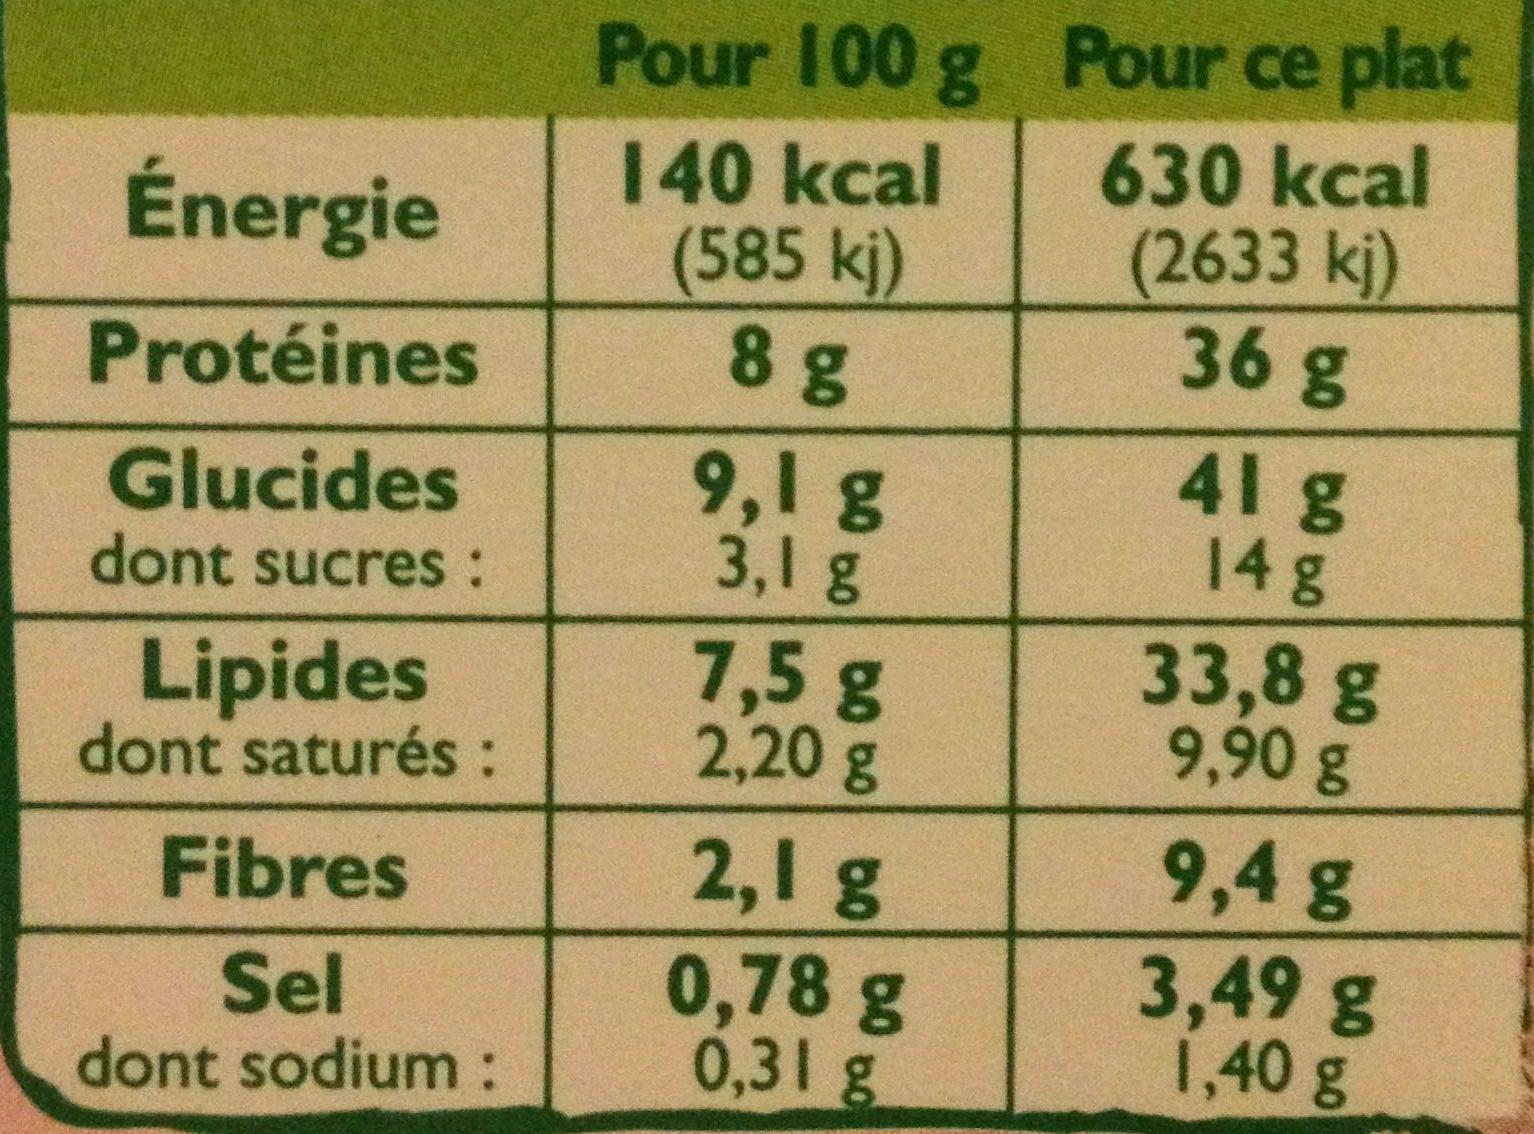 Couscous à la Marocaine - Nutrition facts